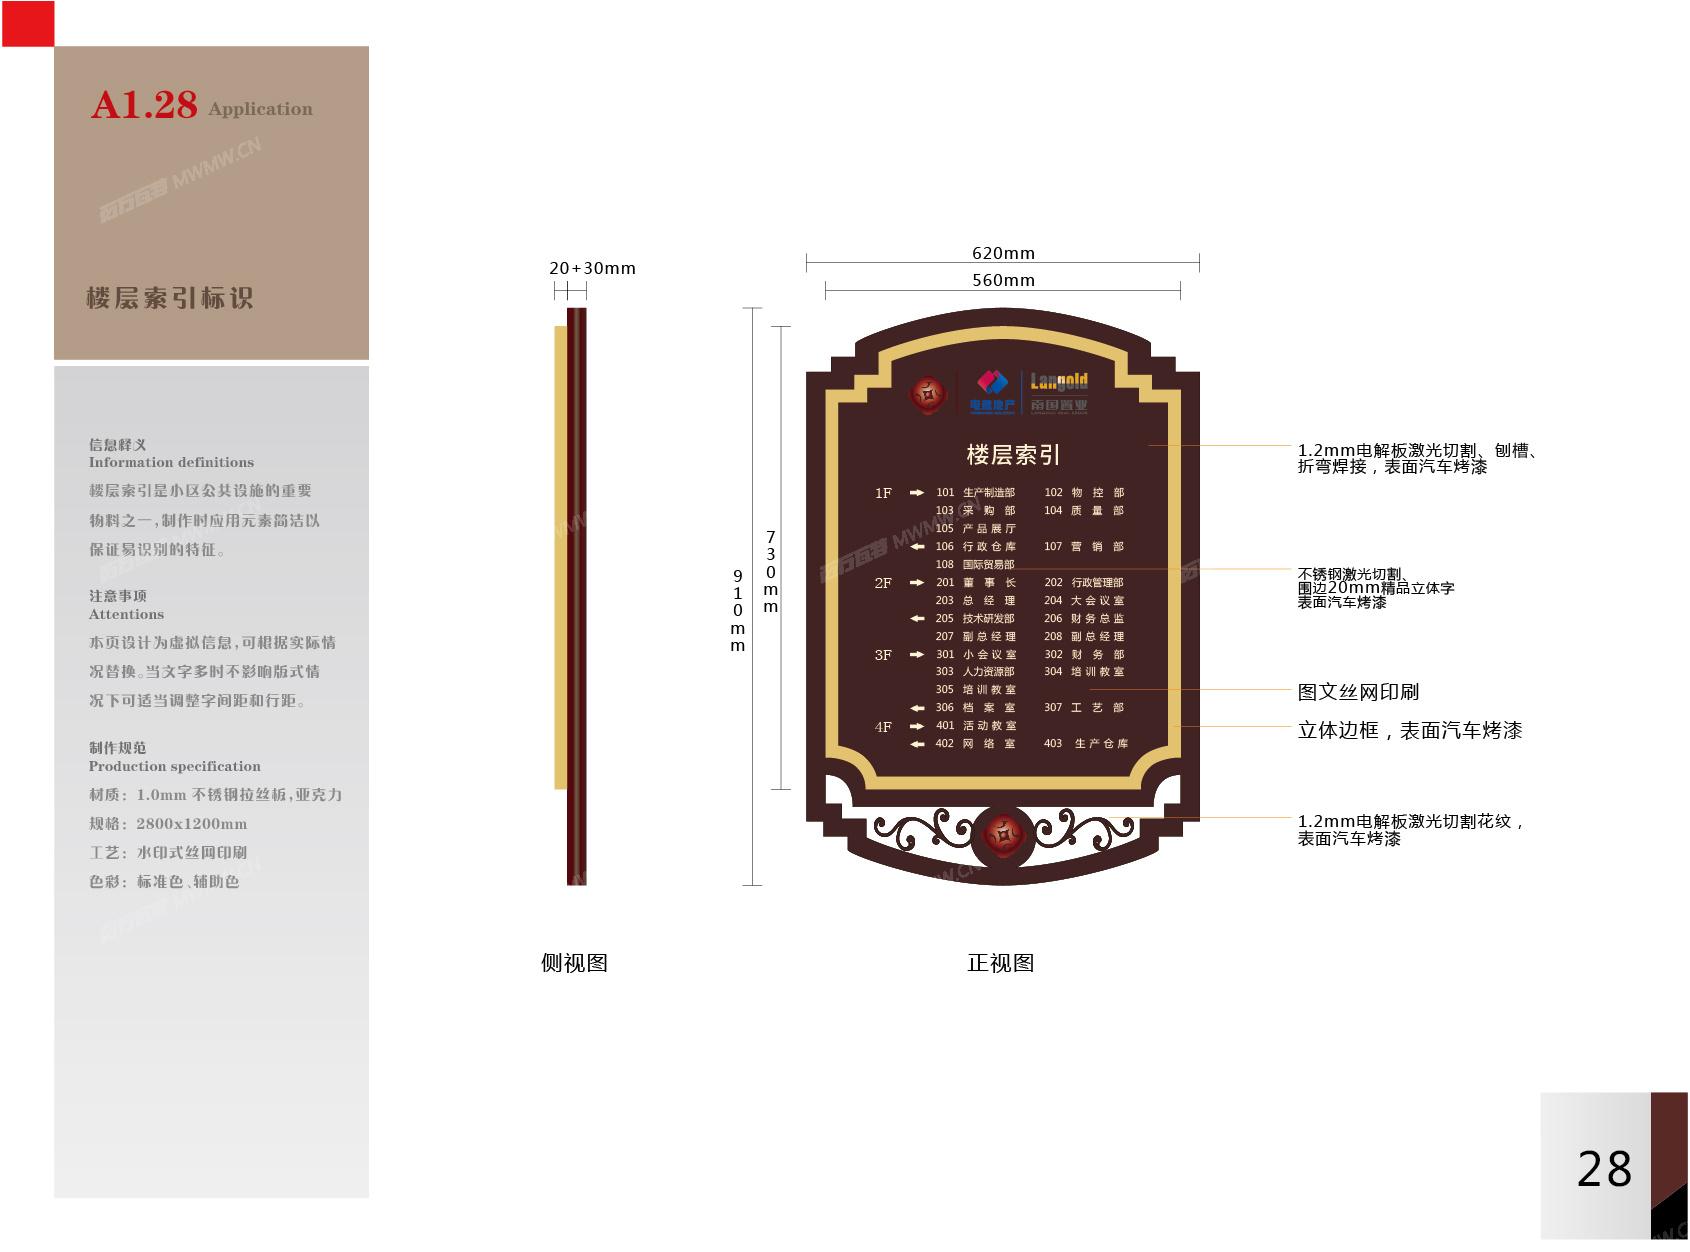 泷悦华府环境导视系统设计方案3.0cs520180112-30.jpg